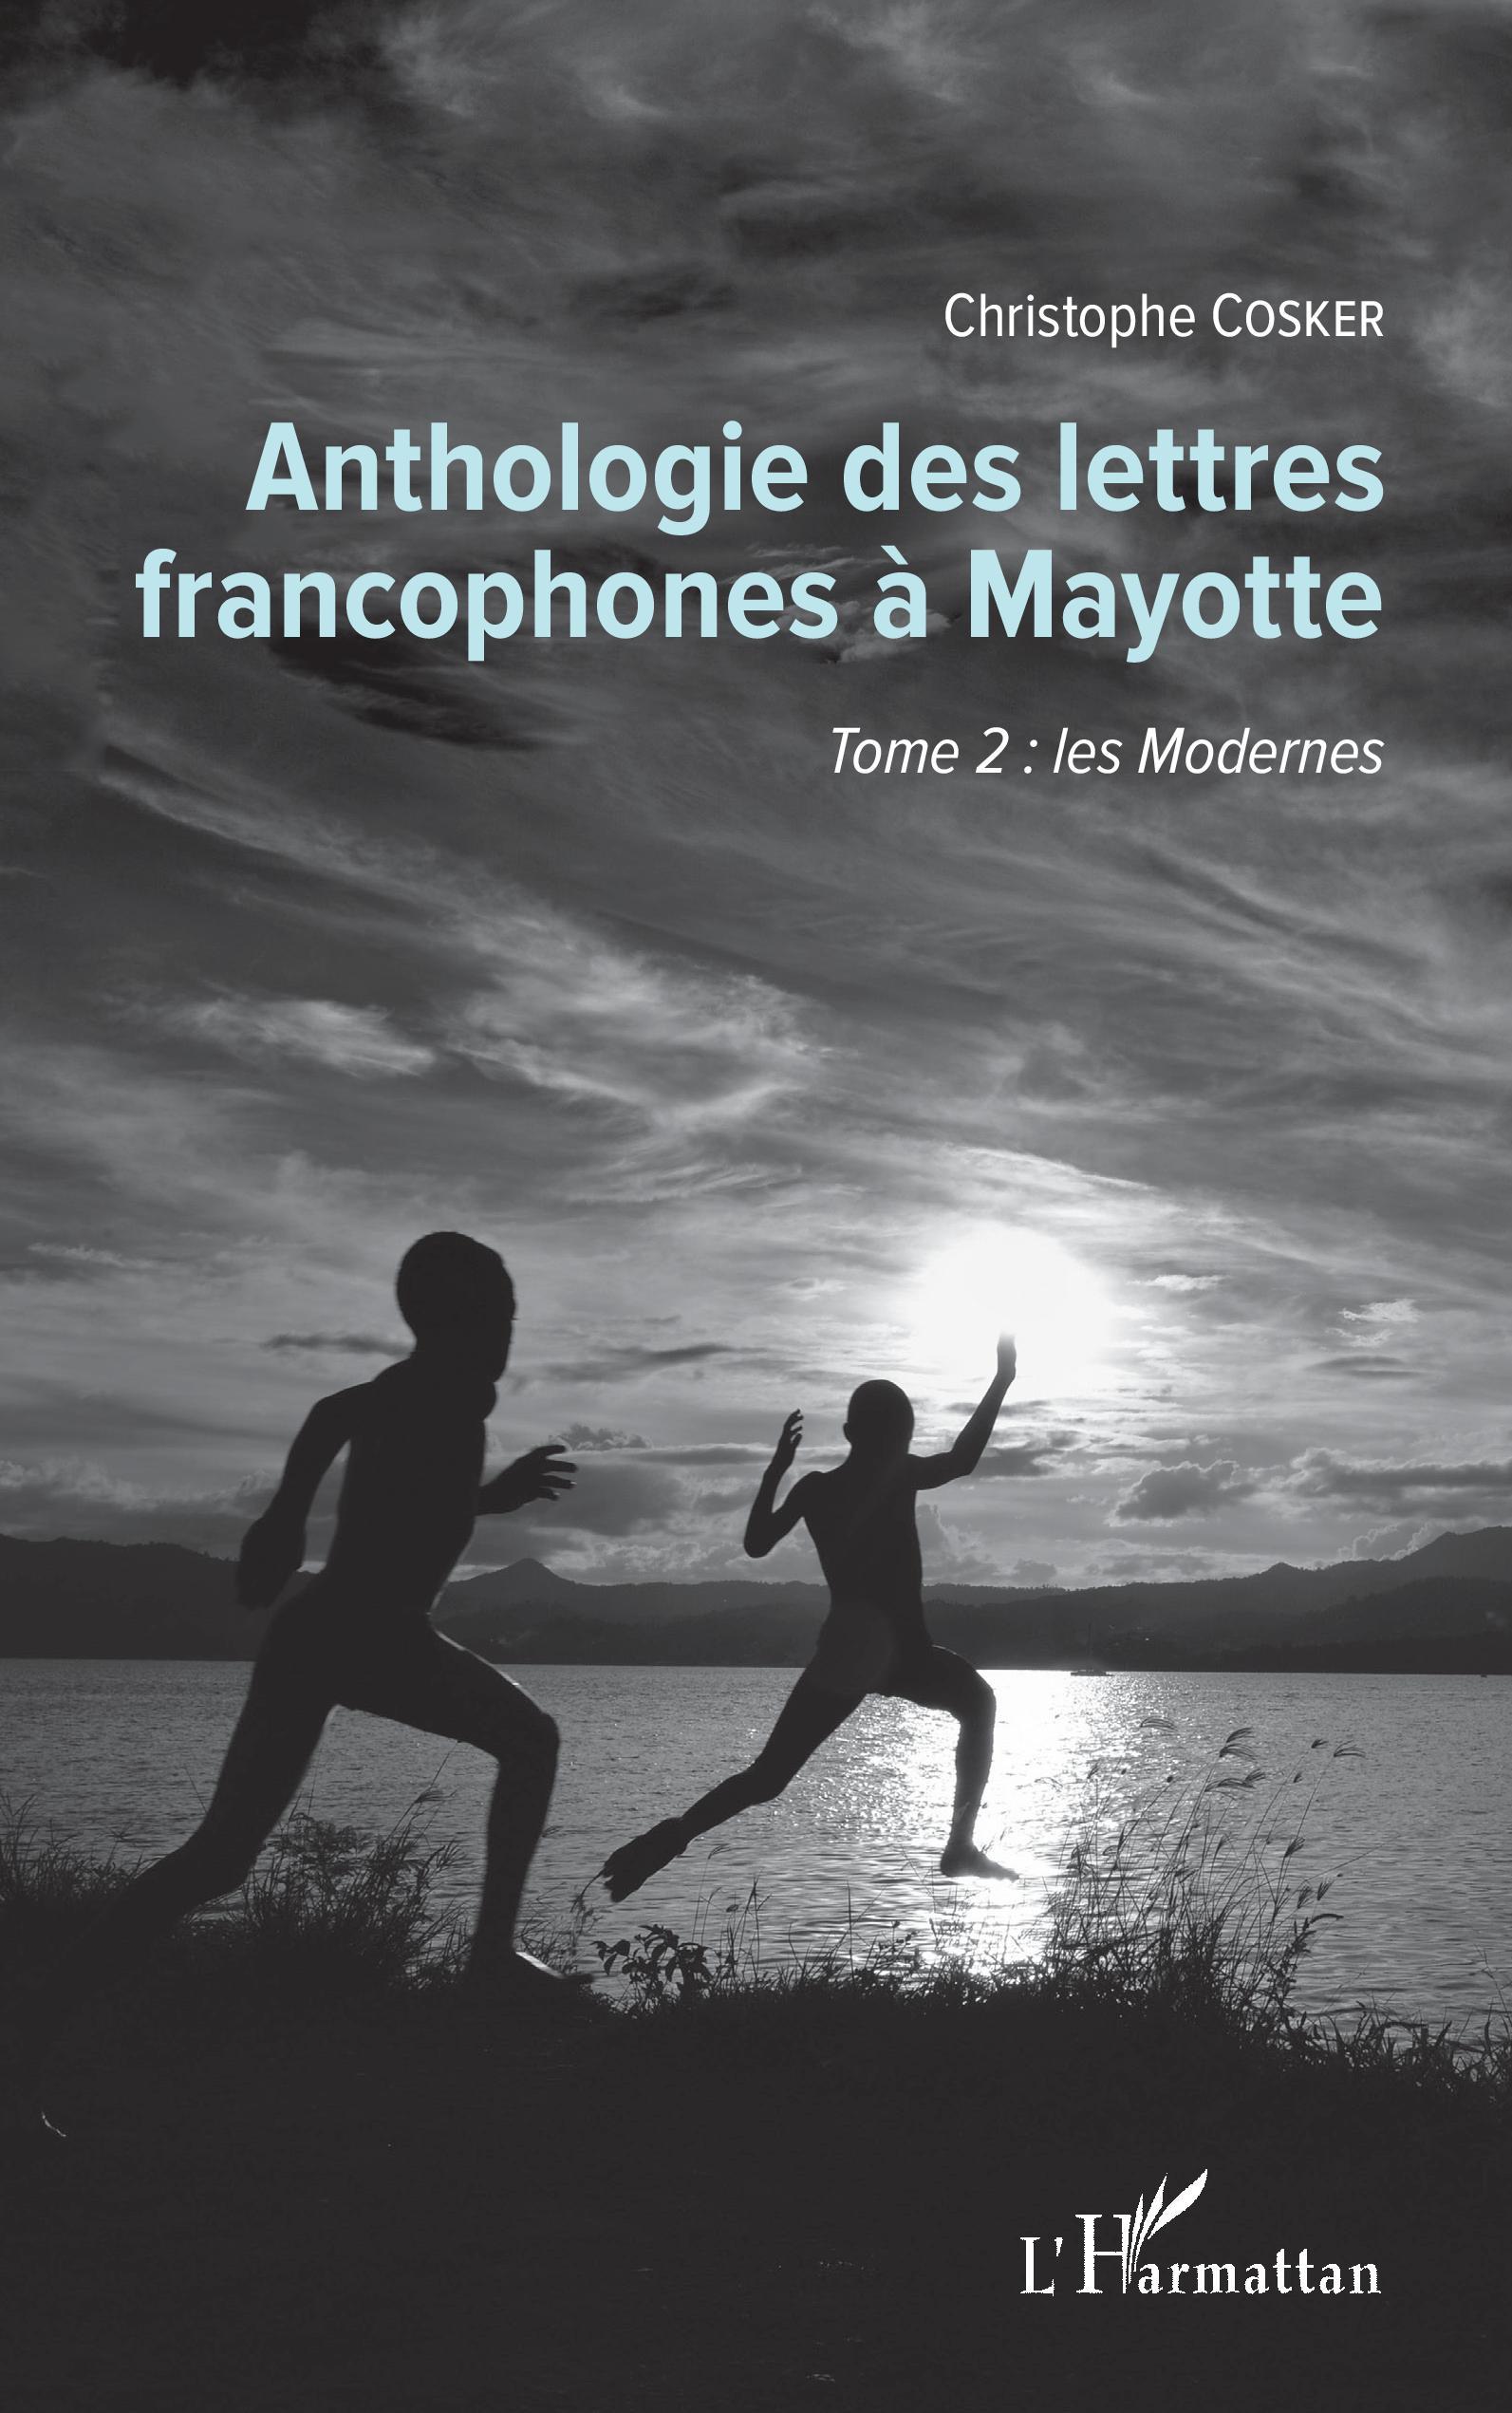 C. Cosker, Anthologie des lettres francophones à Mayotte, t. 2